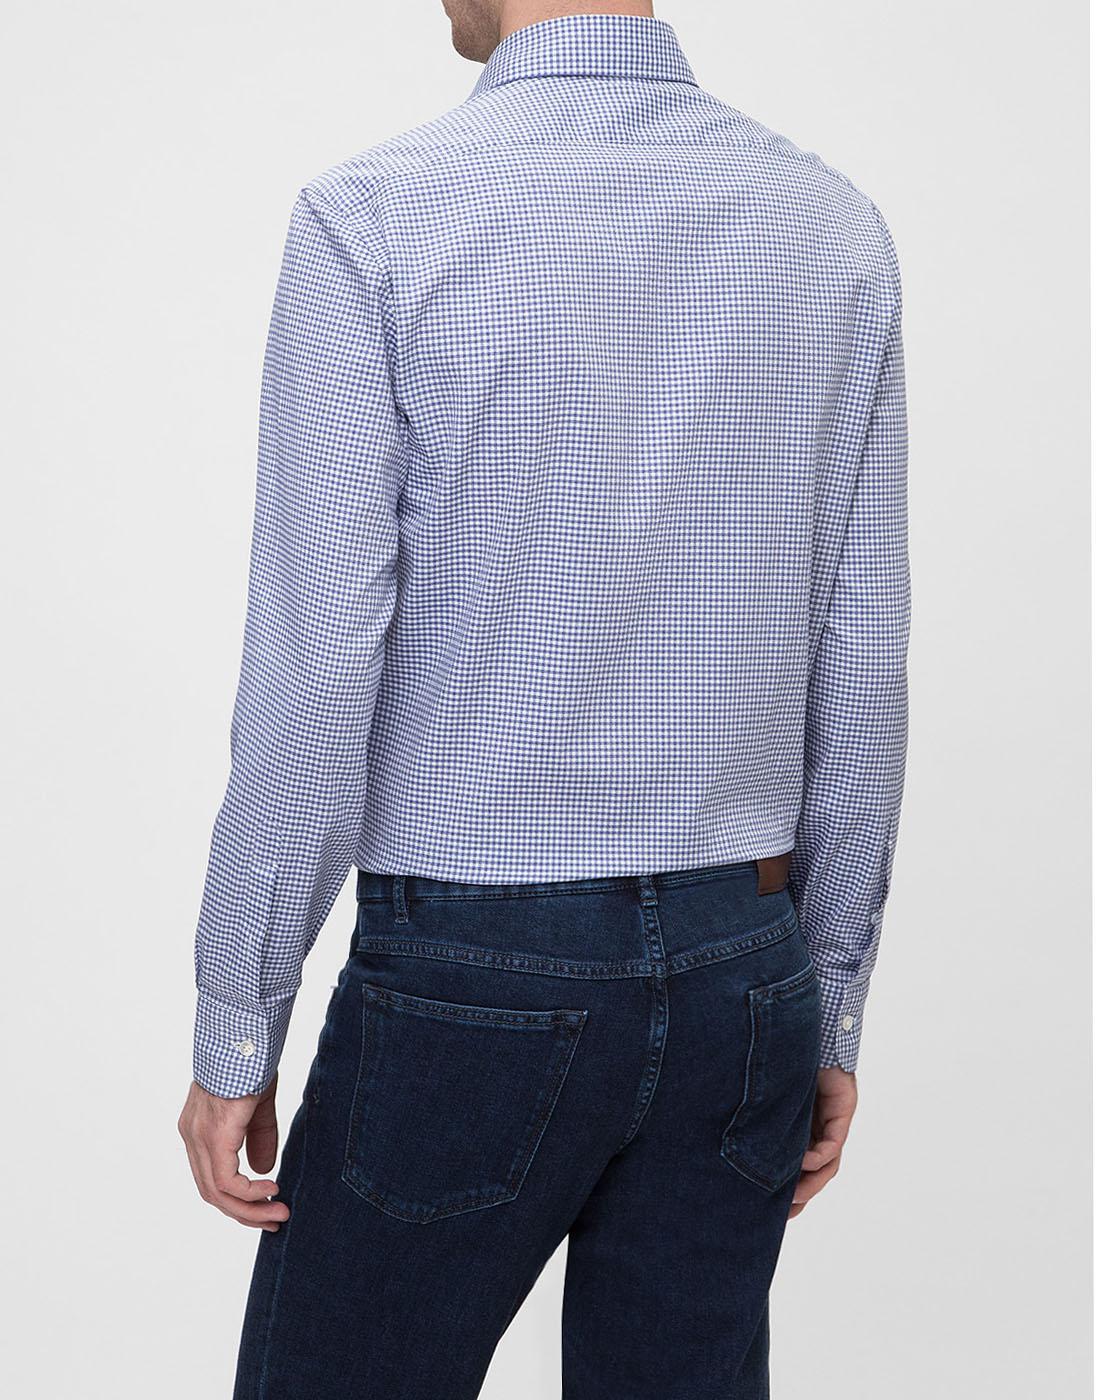 Мужская голубая рубашка в клетку Barba SK4U132599301W-4